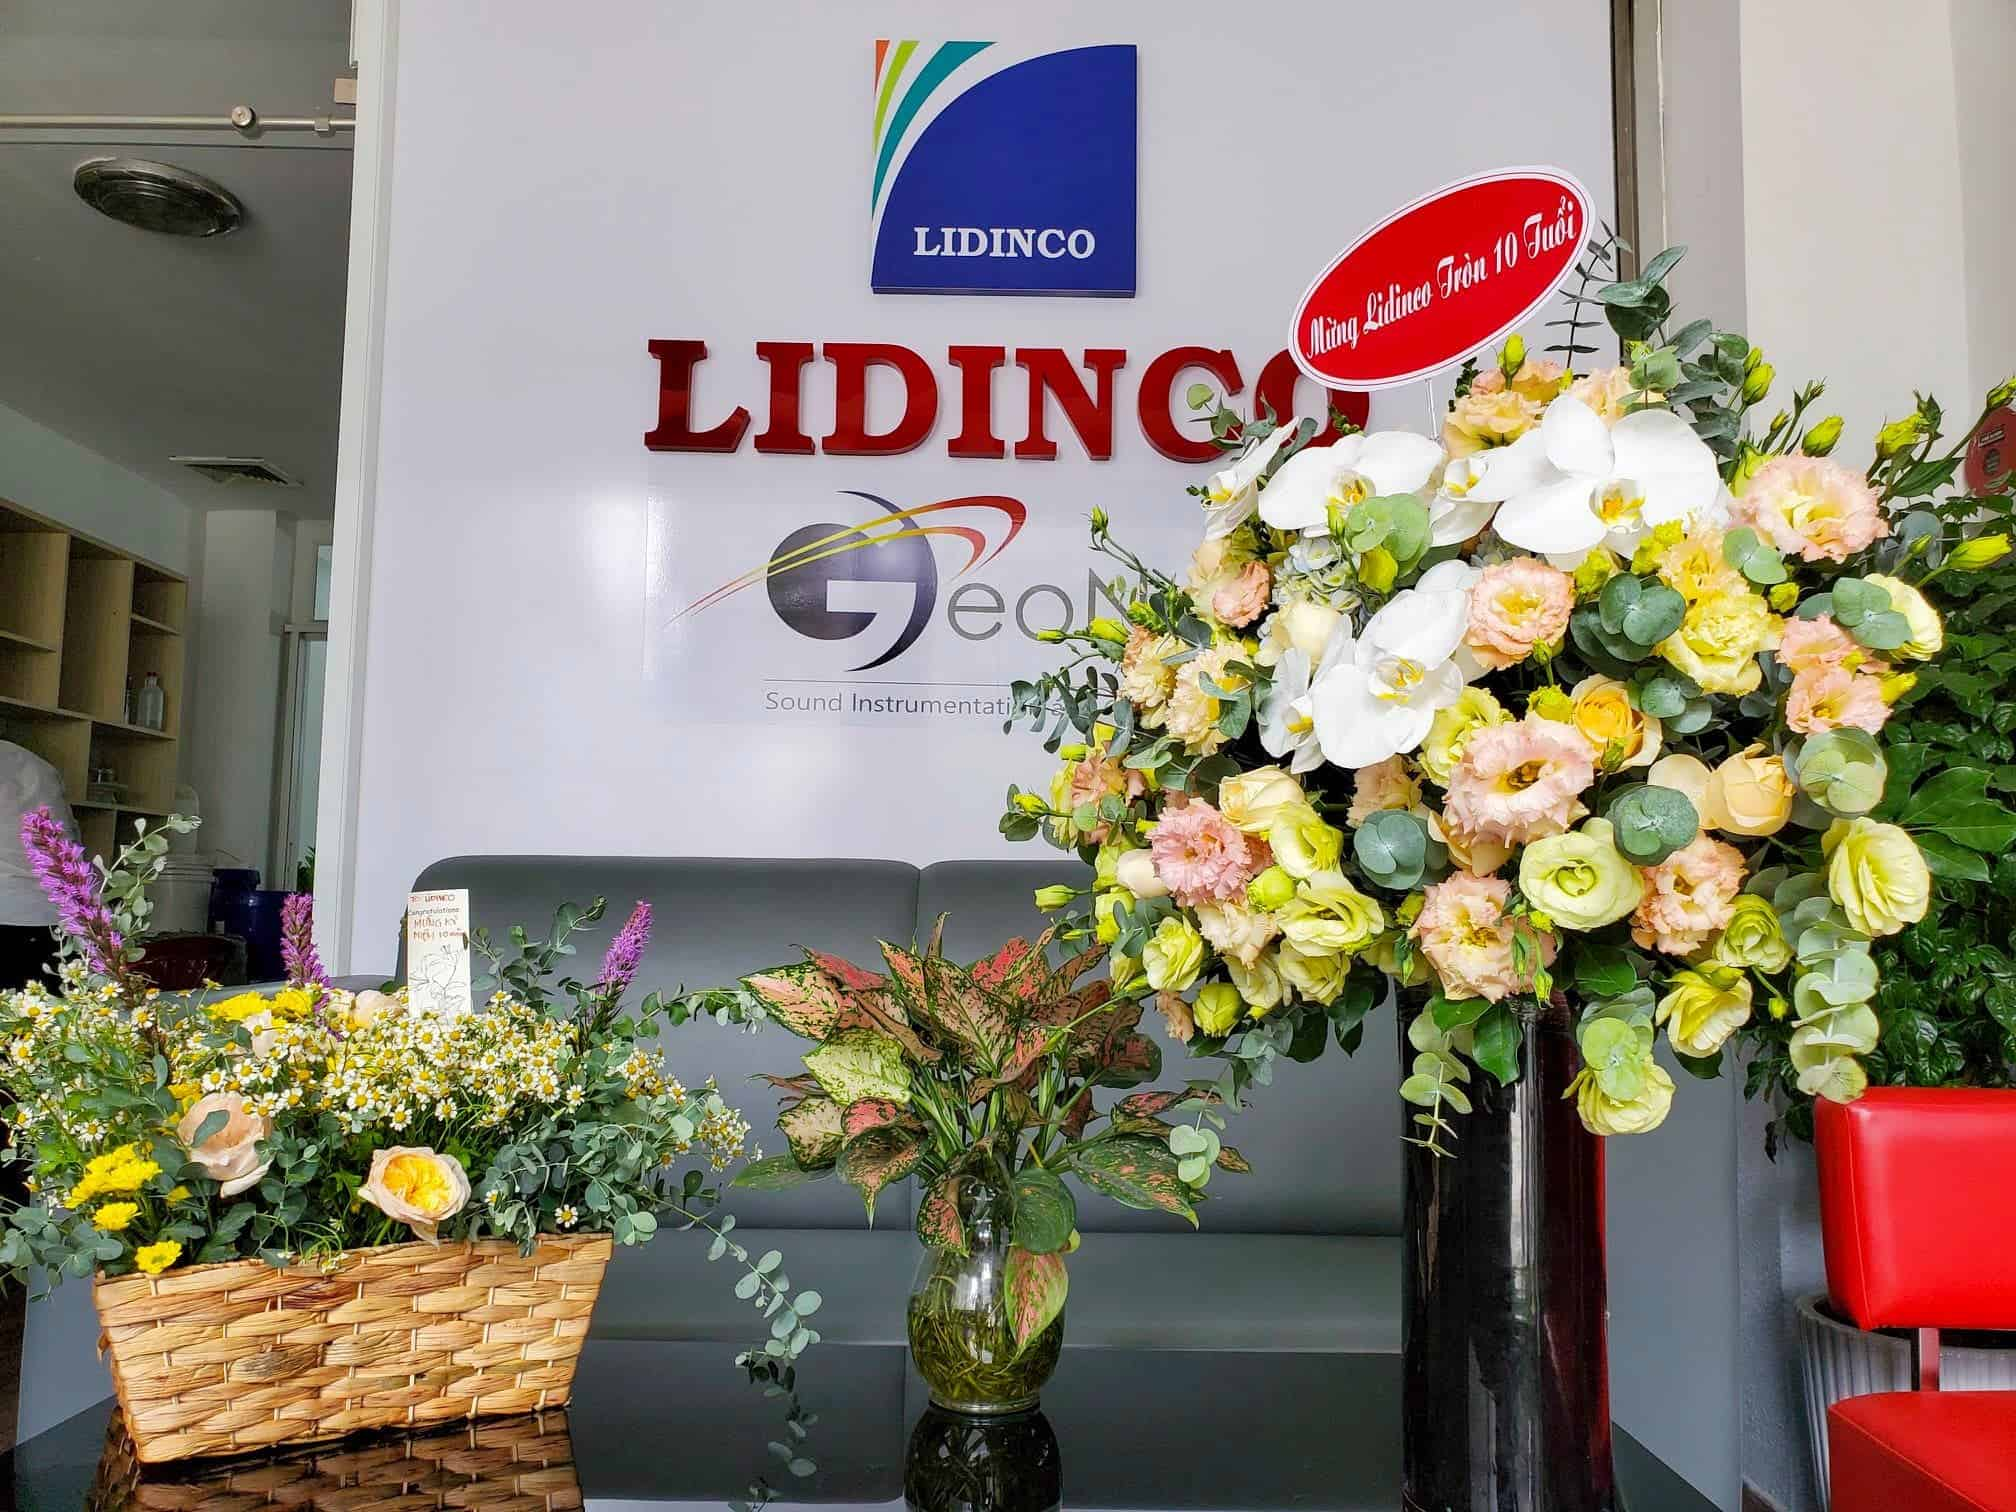 công ty Lidinco cung cấp thiết bị đo lường